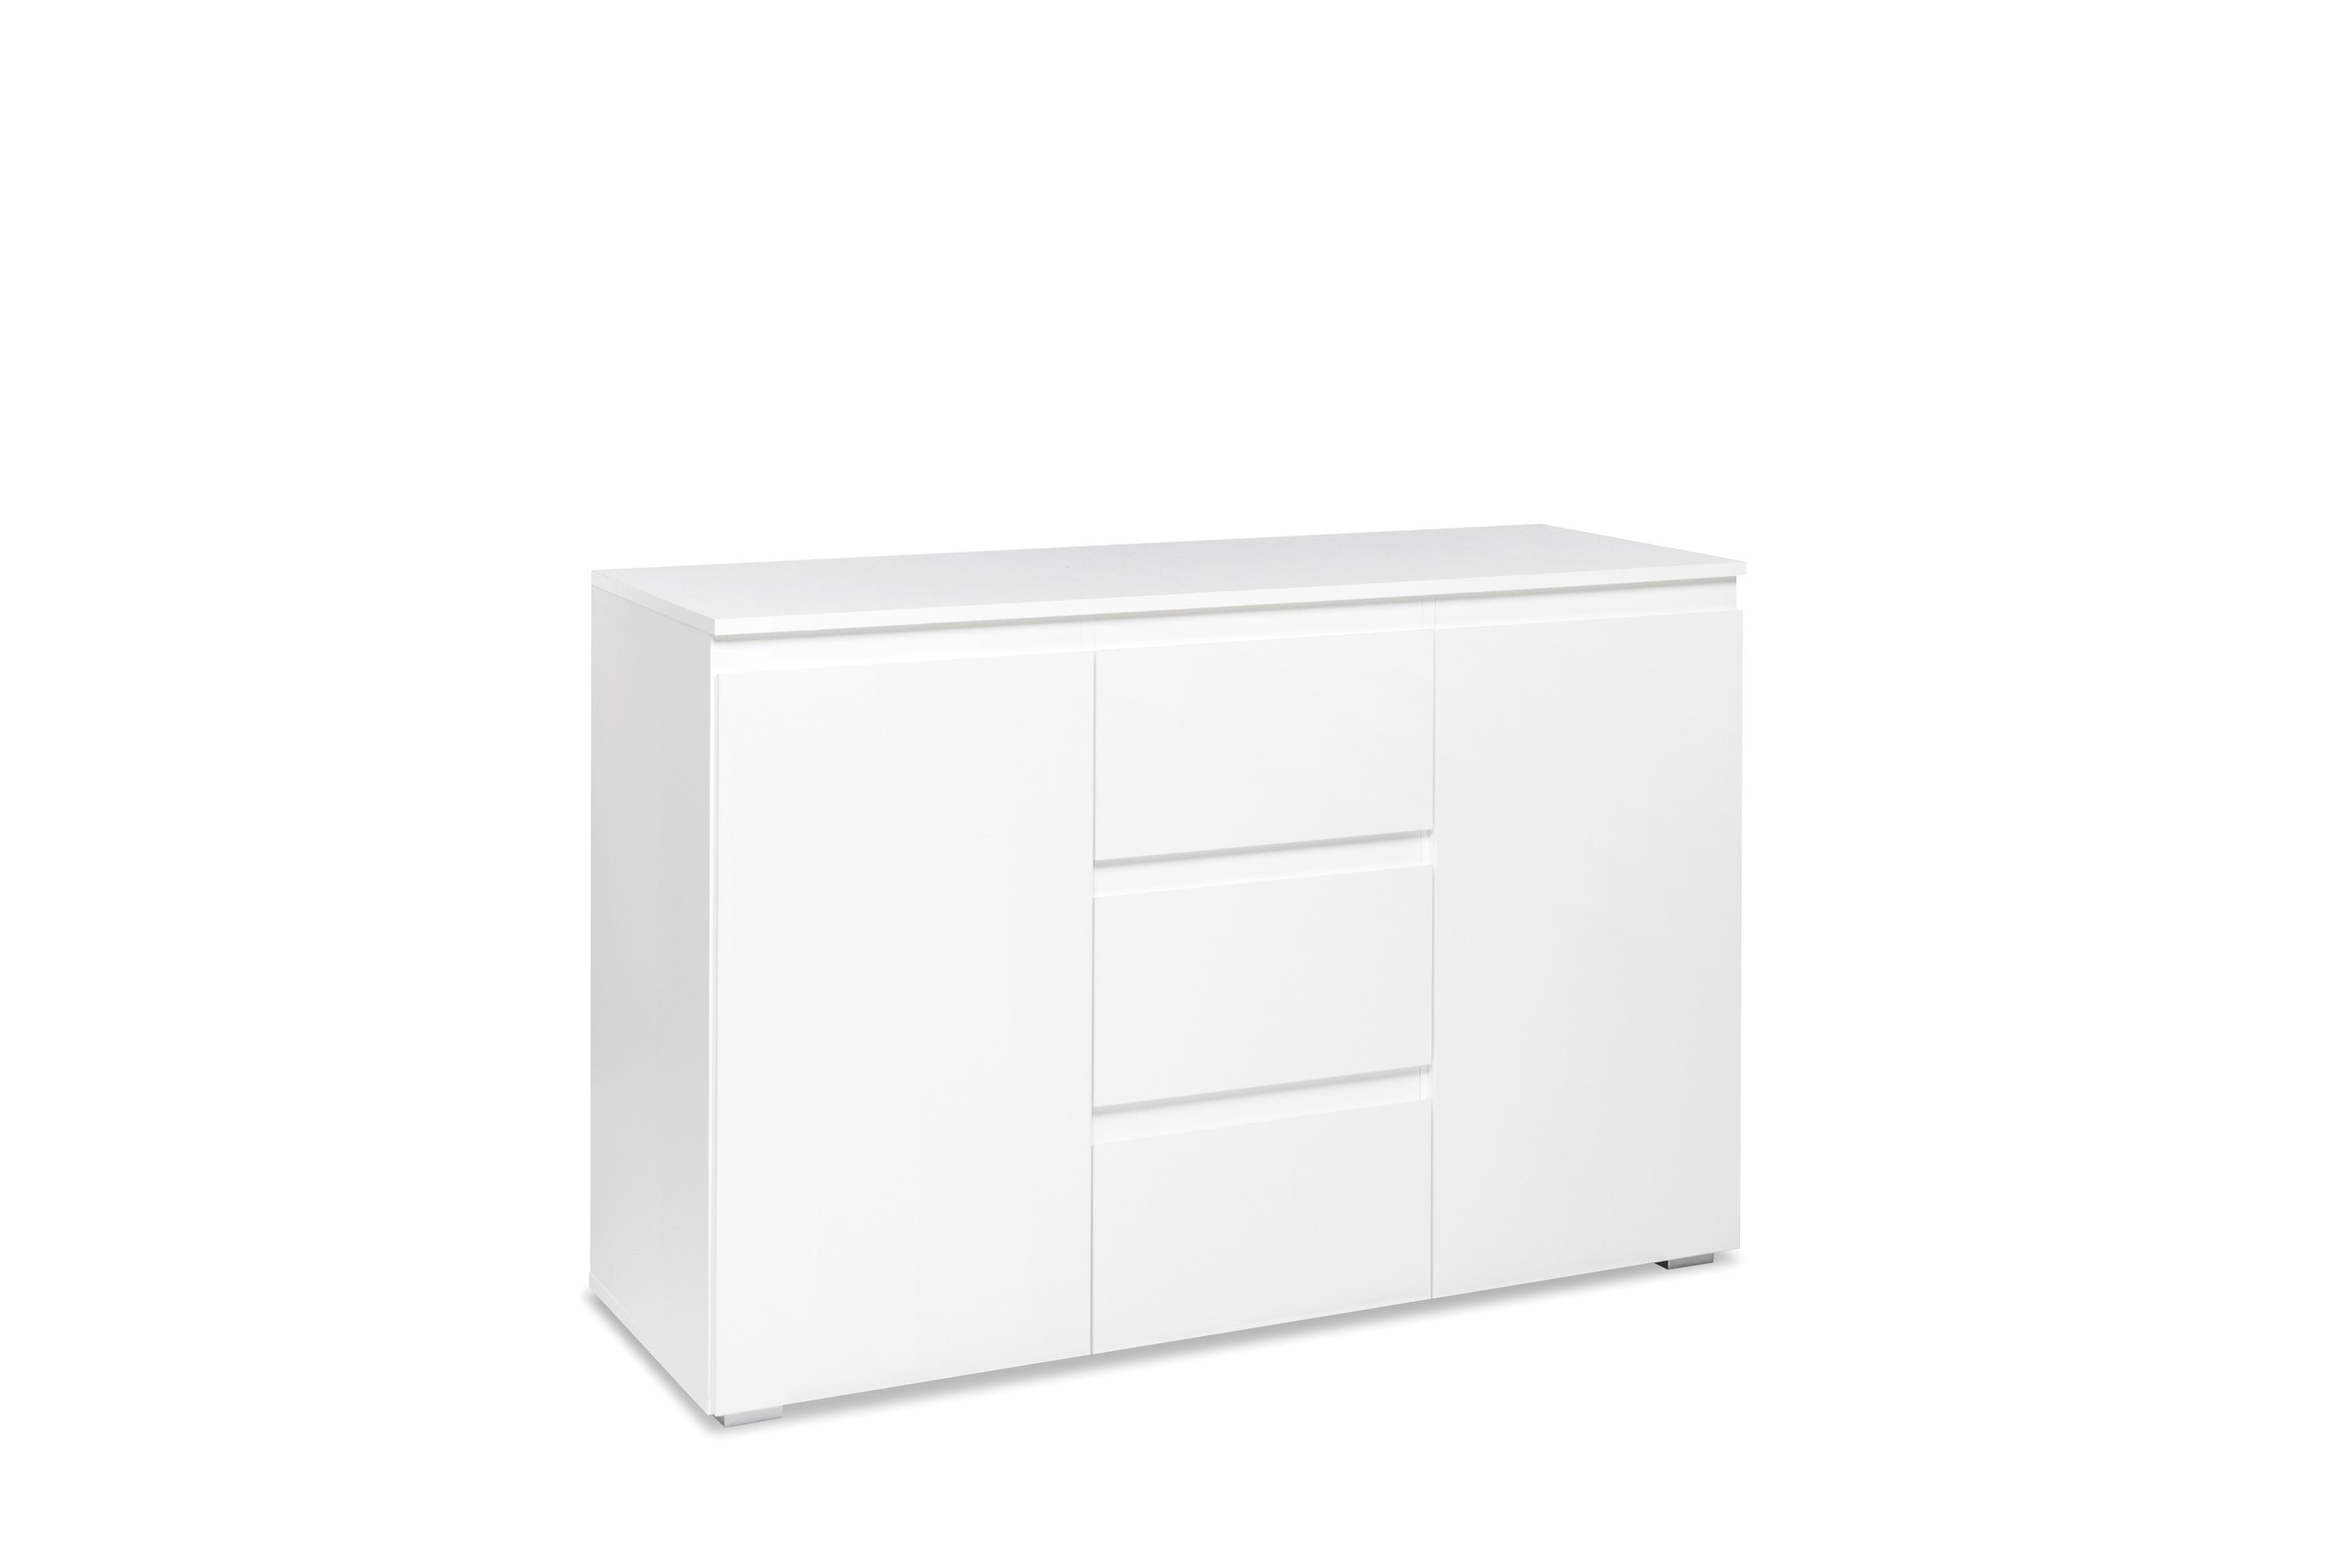 Meuble de rangement contemporain blanc mat 2 portes/3 tiroirs Sophiane